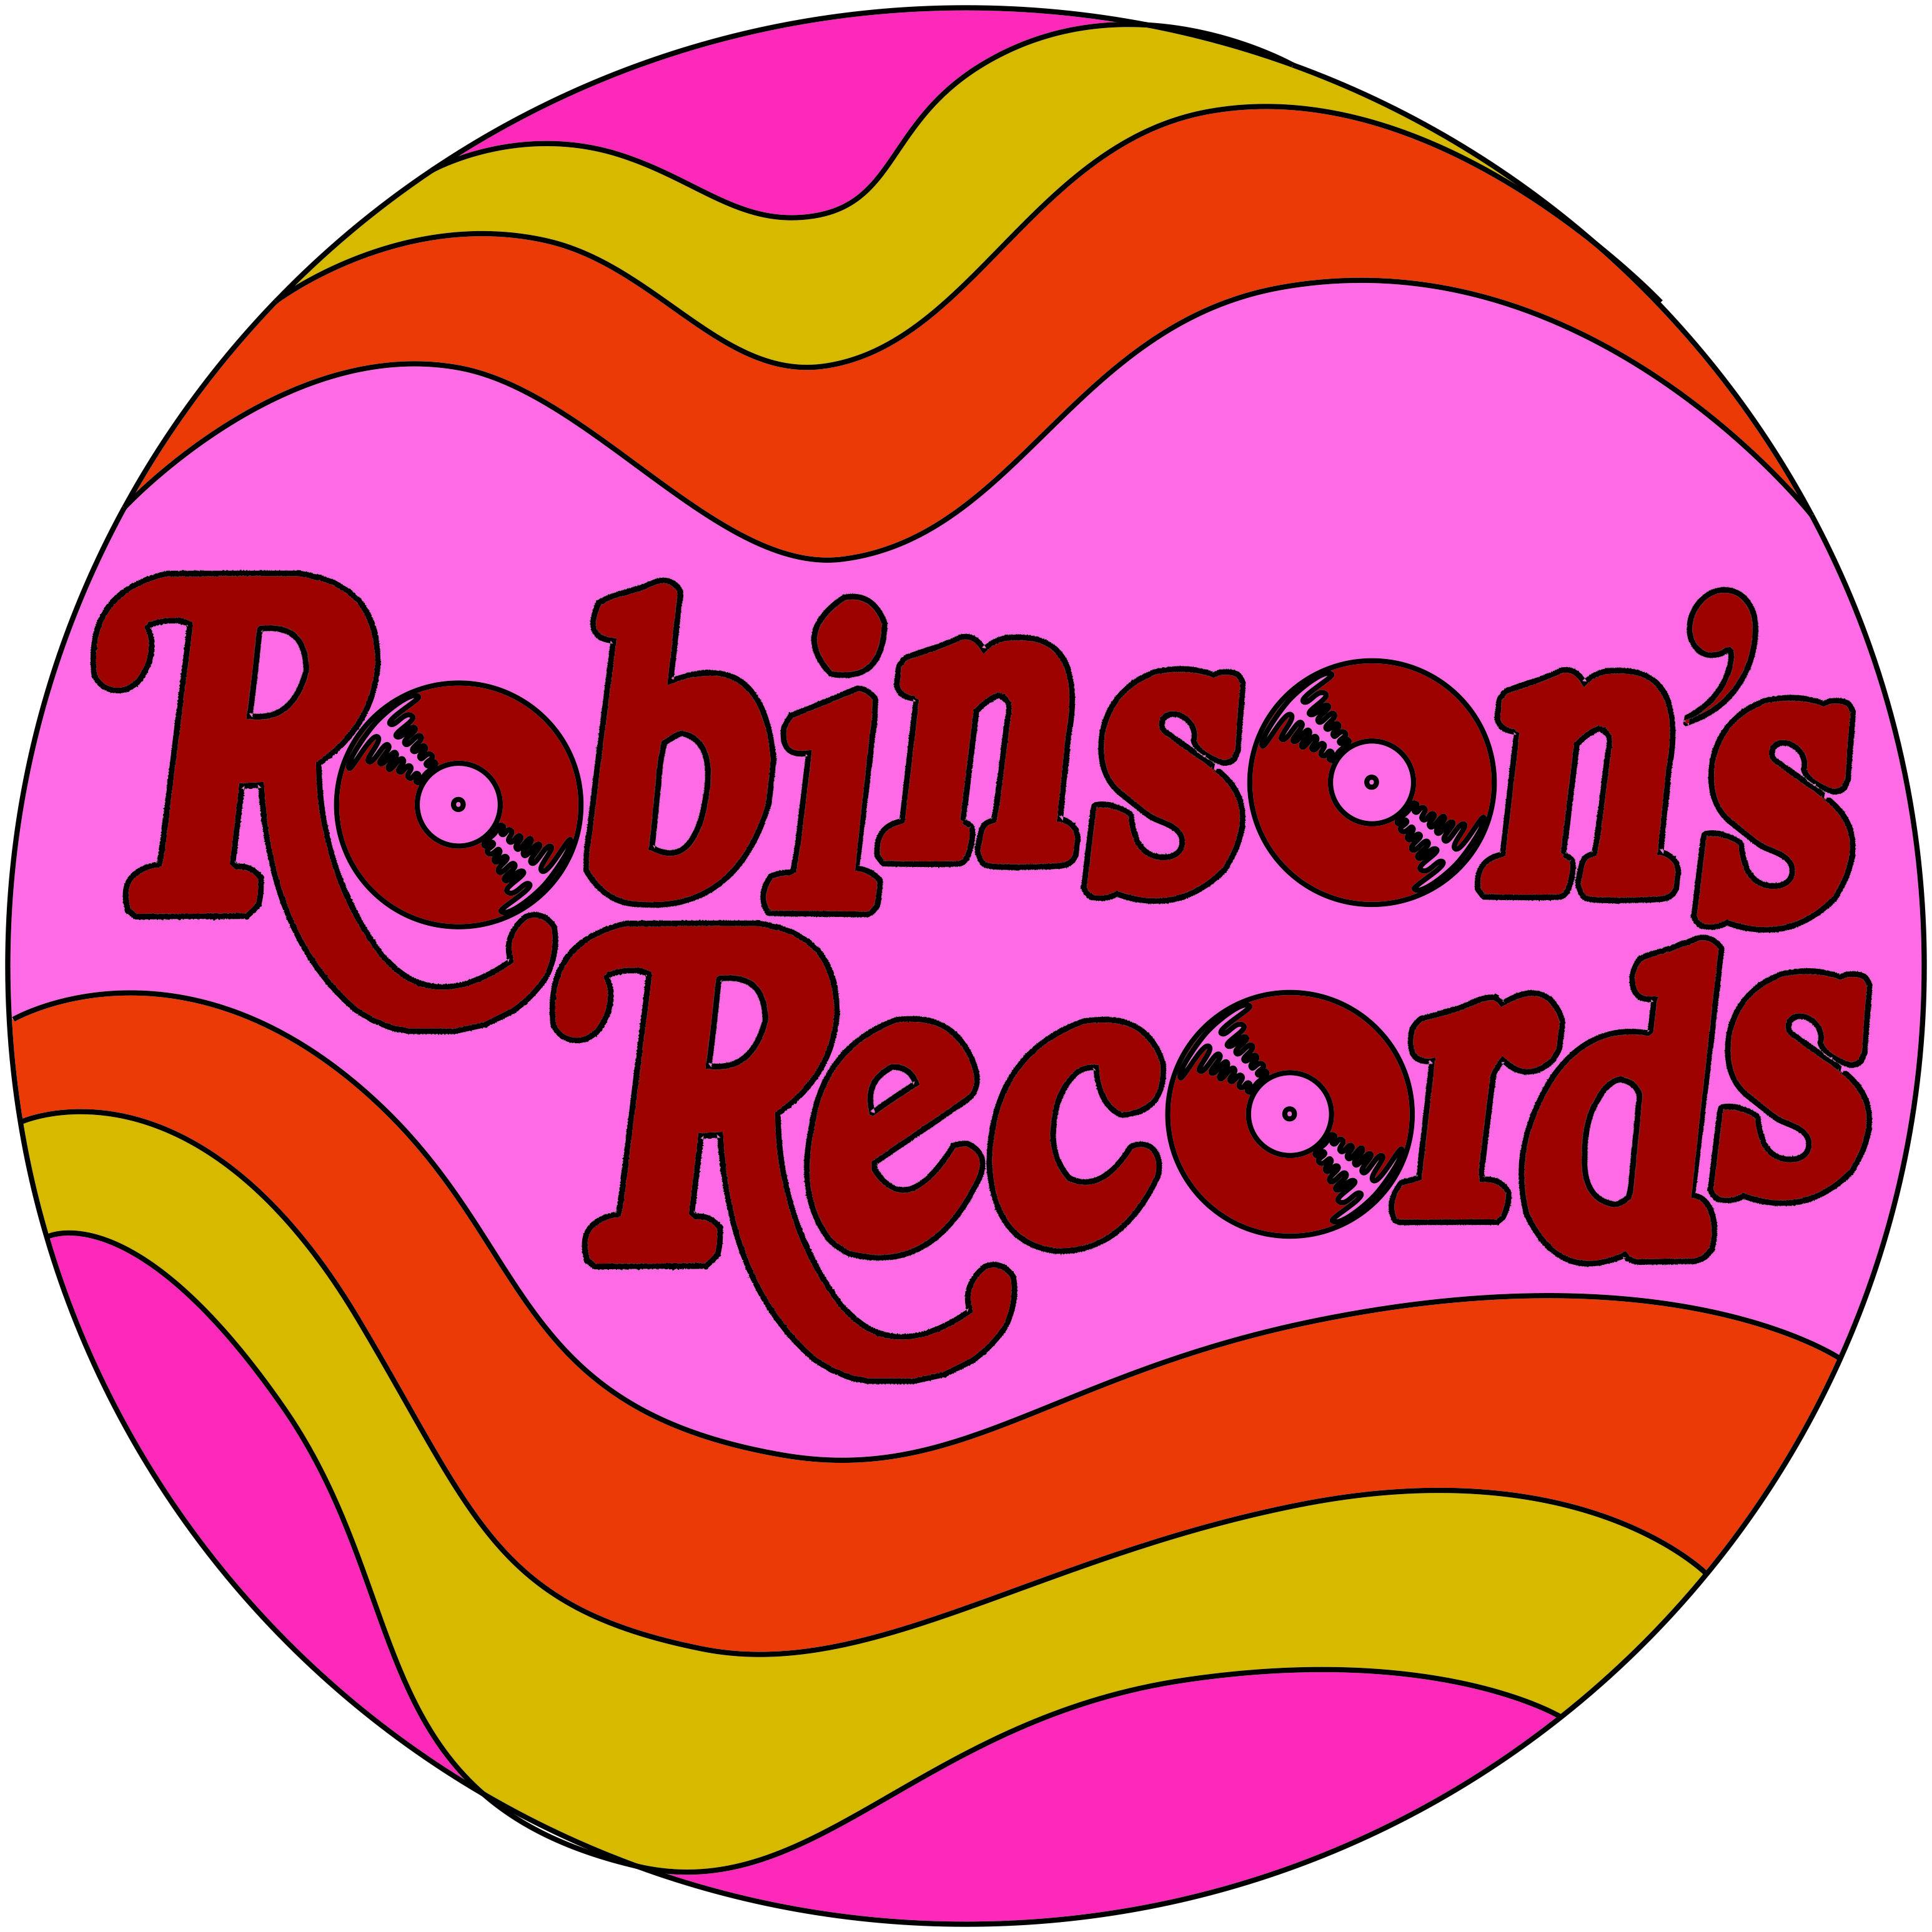 Robinson's Records